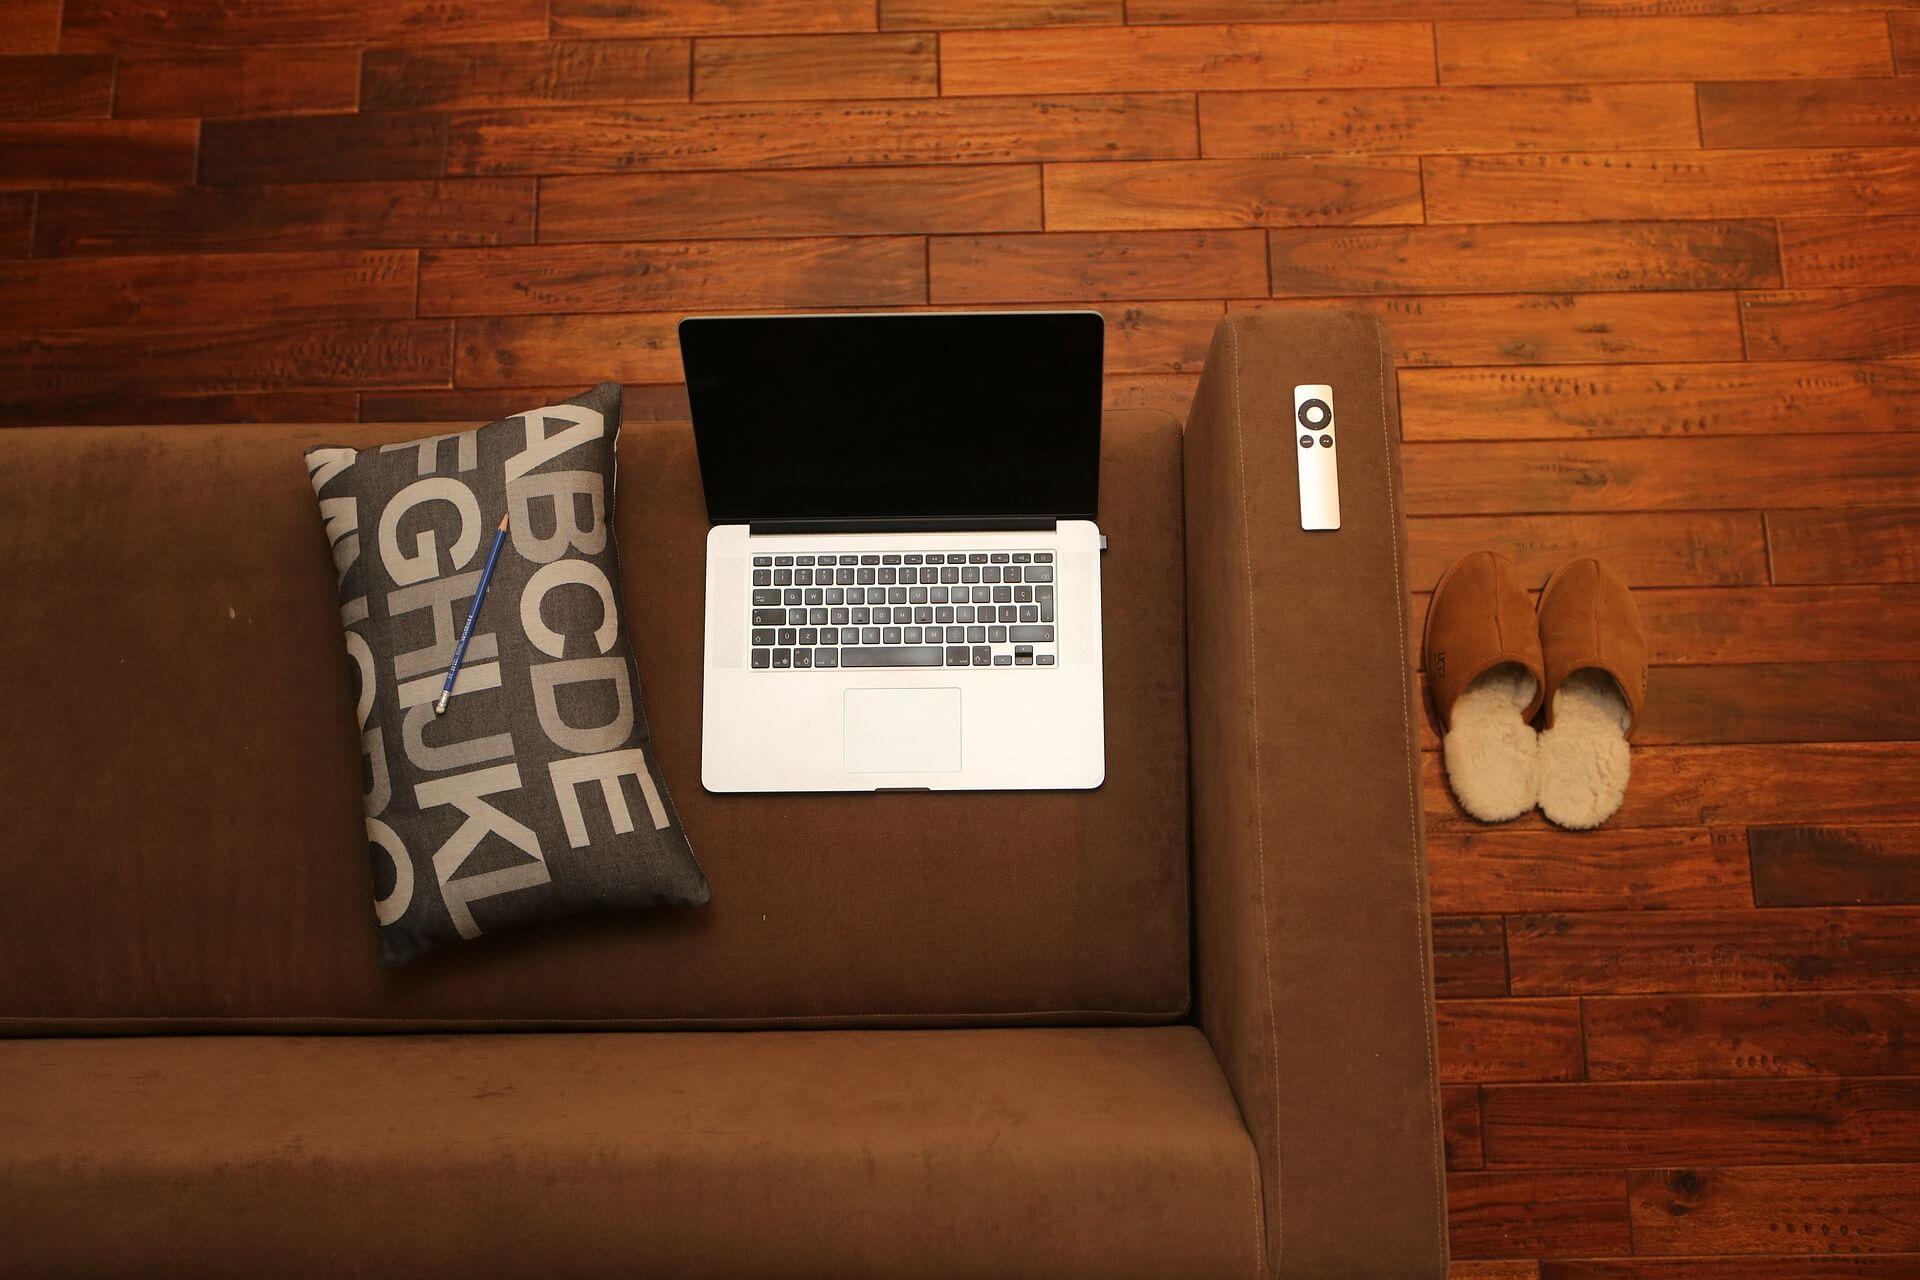 Das Home-Office steuerlich absetzen